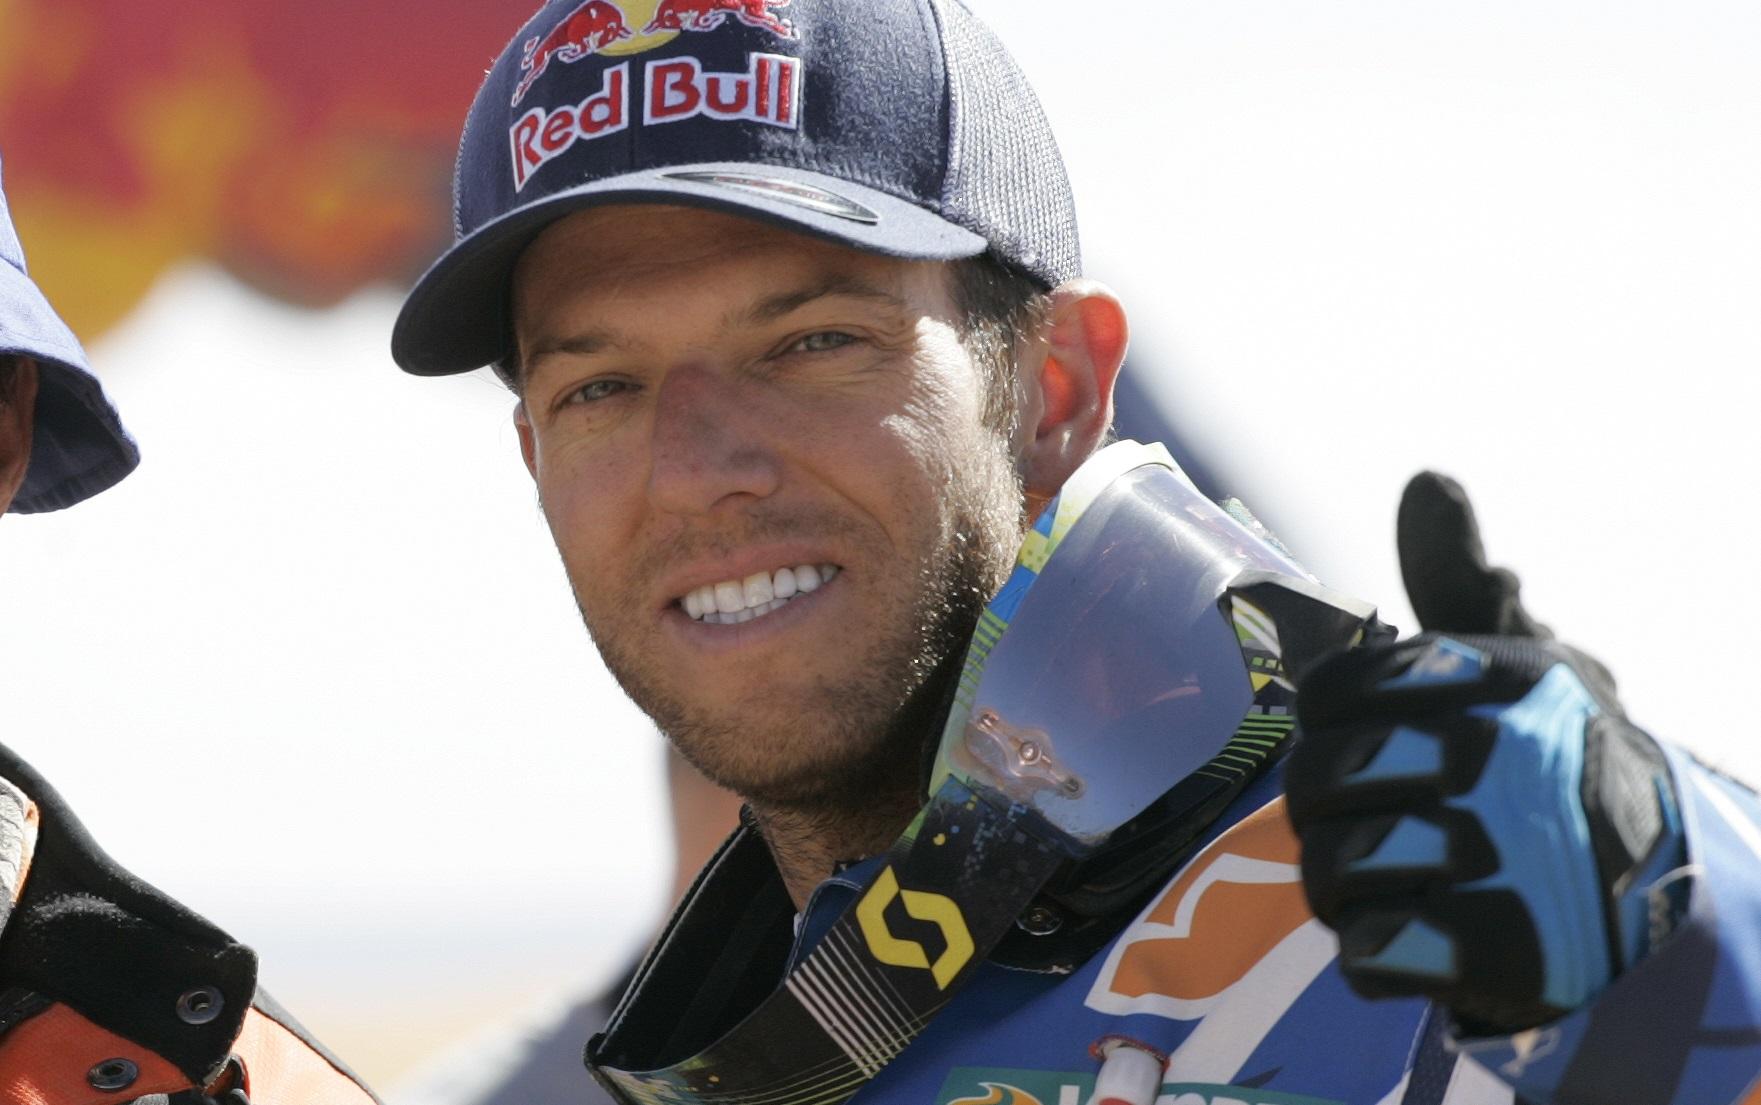 Fallece Kurt Caselli en la Baja 1000